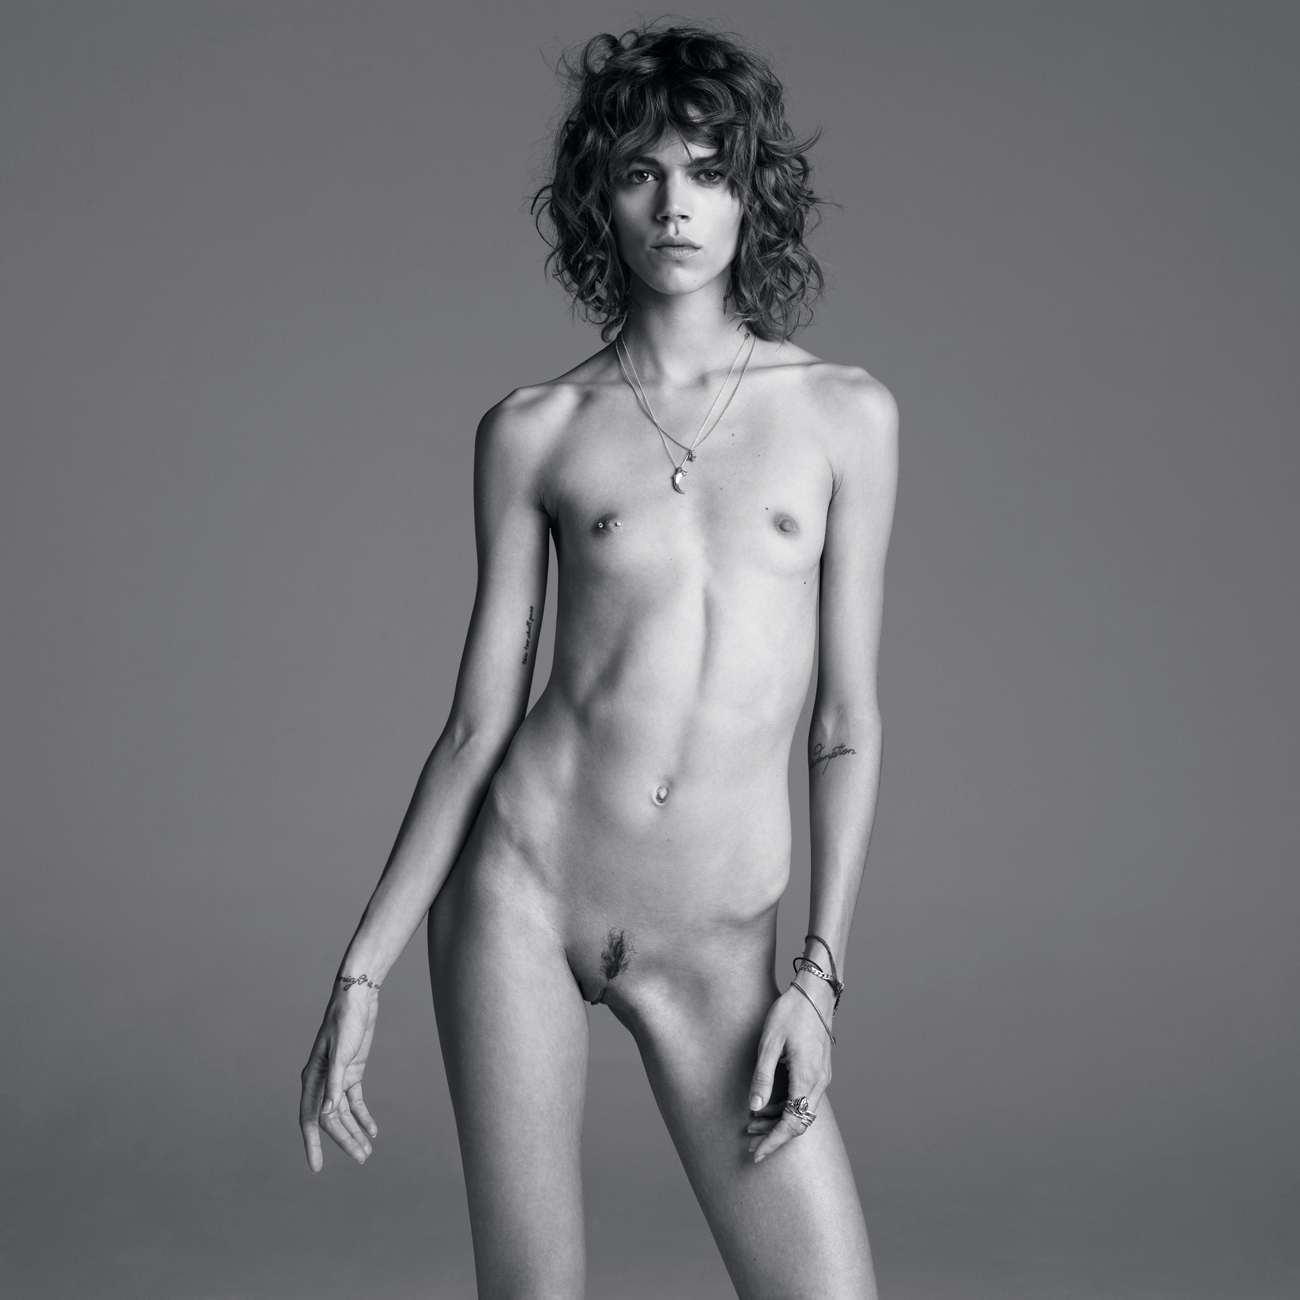 jennifer lawrence naked tumblr